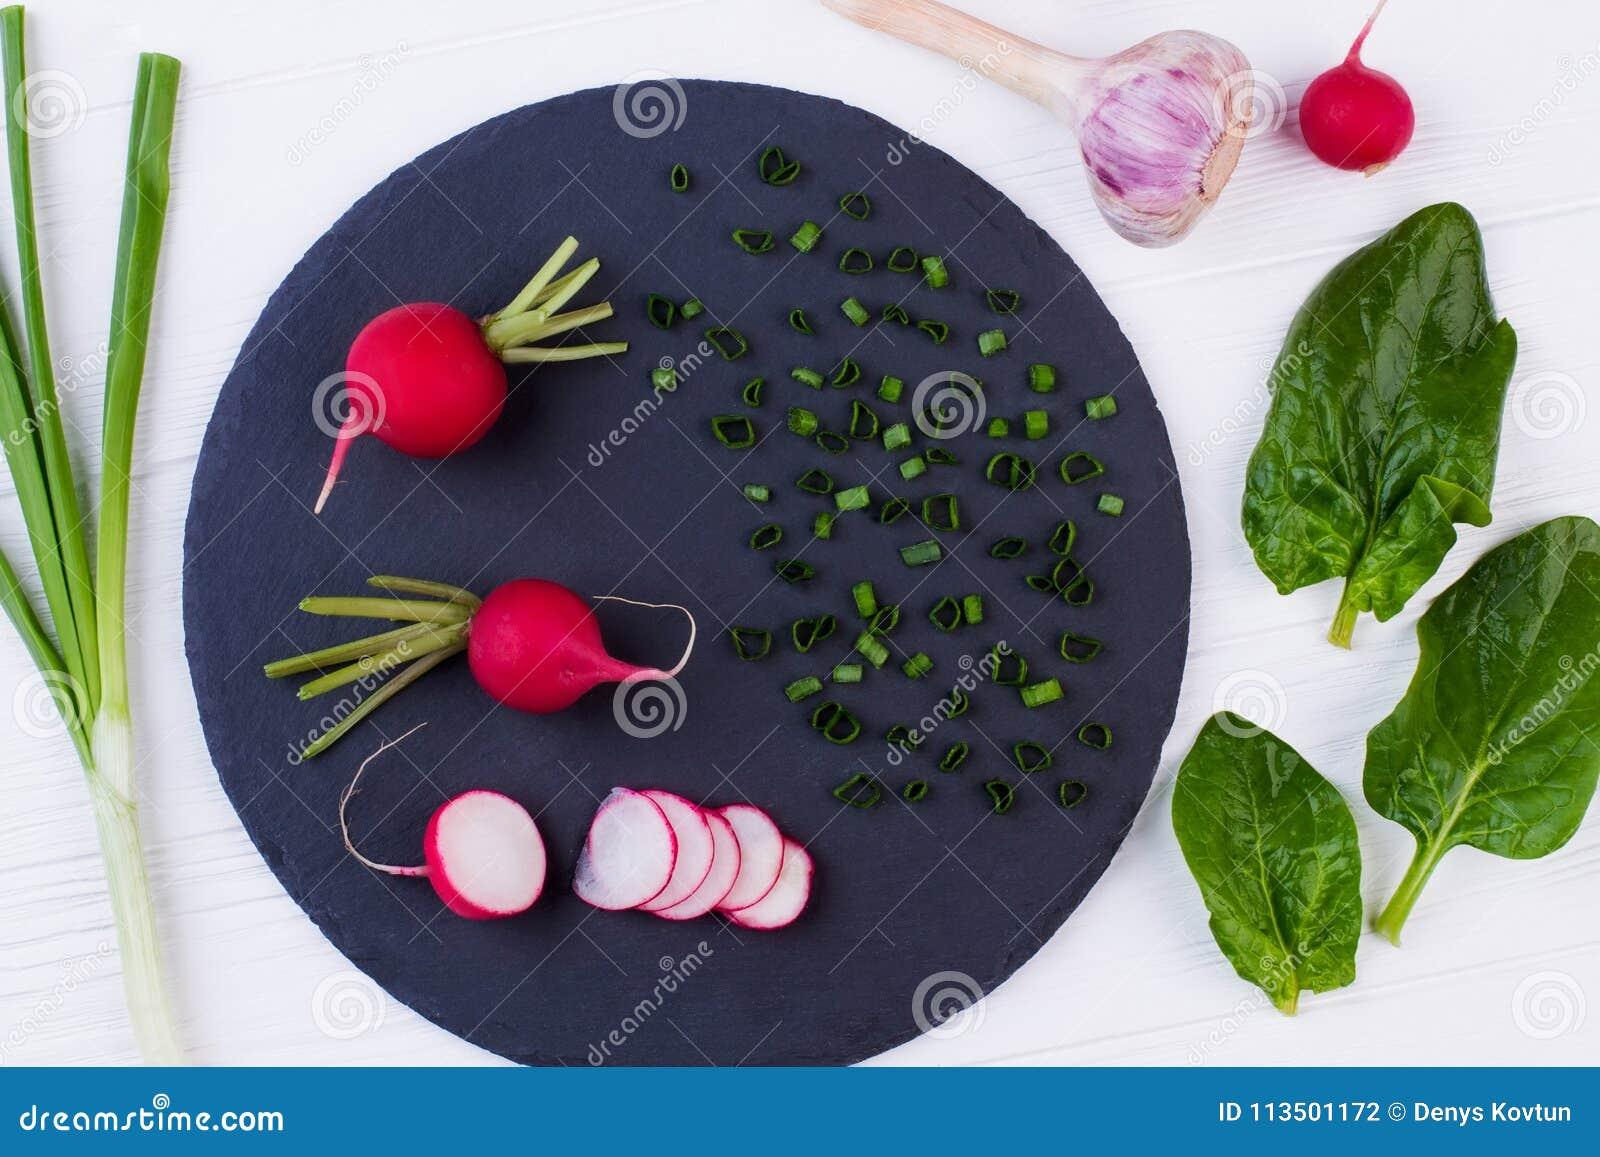 Houten keukenlijst met gezonde kokende ingrediënten